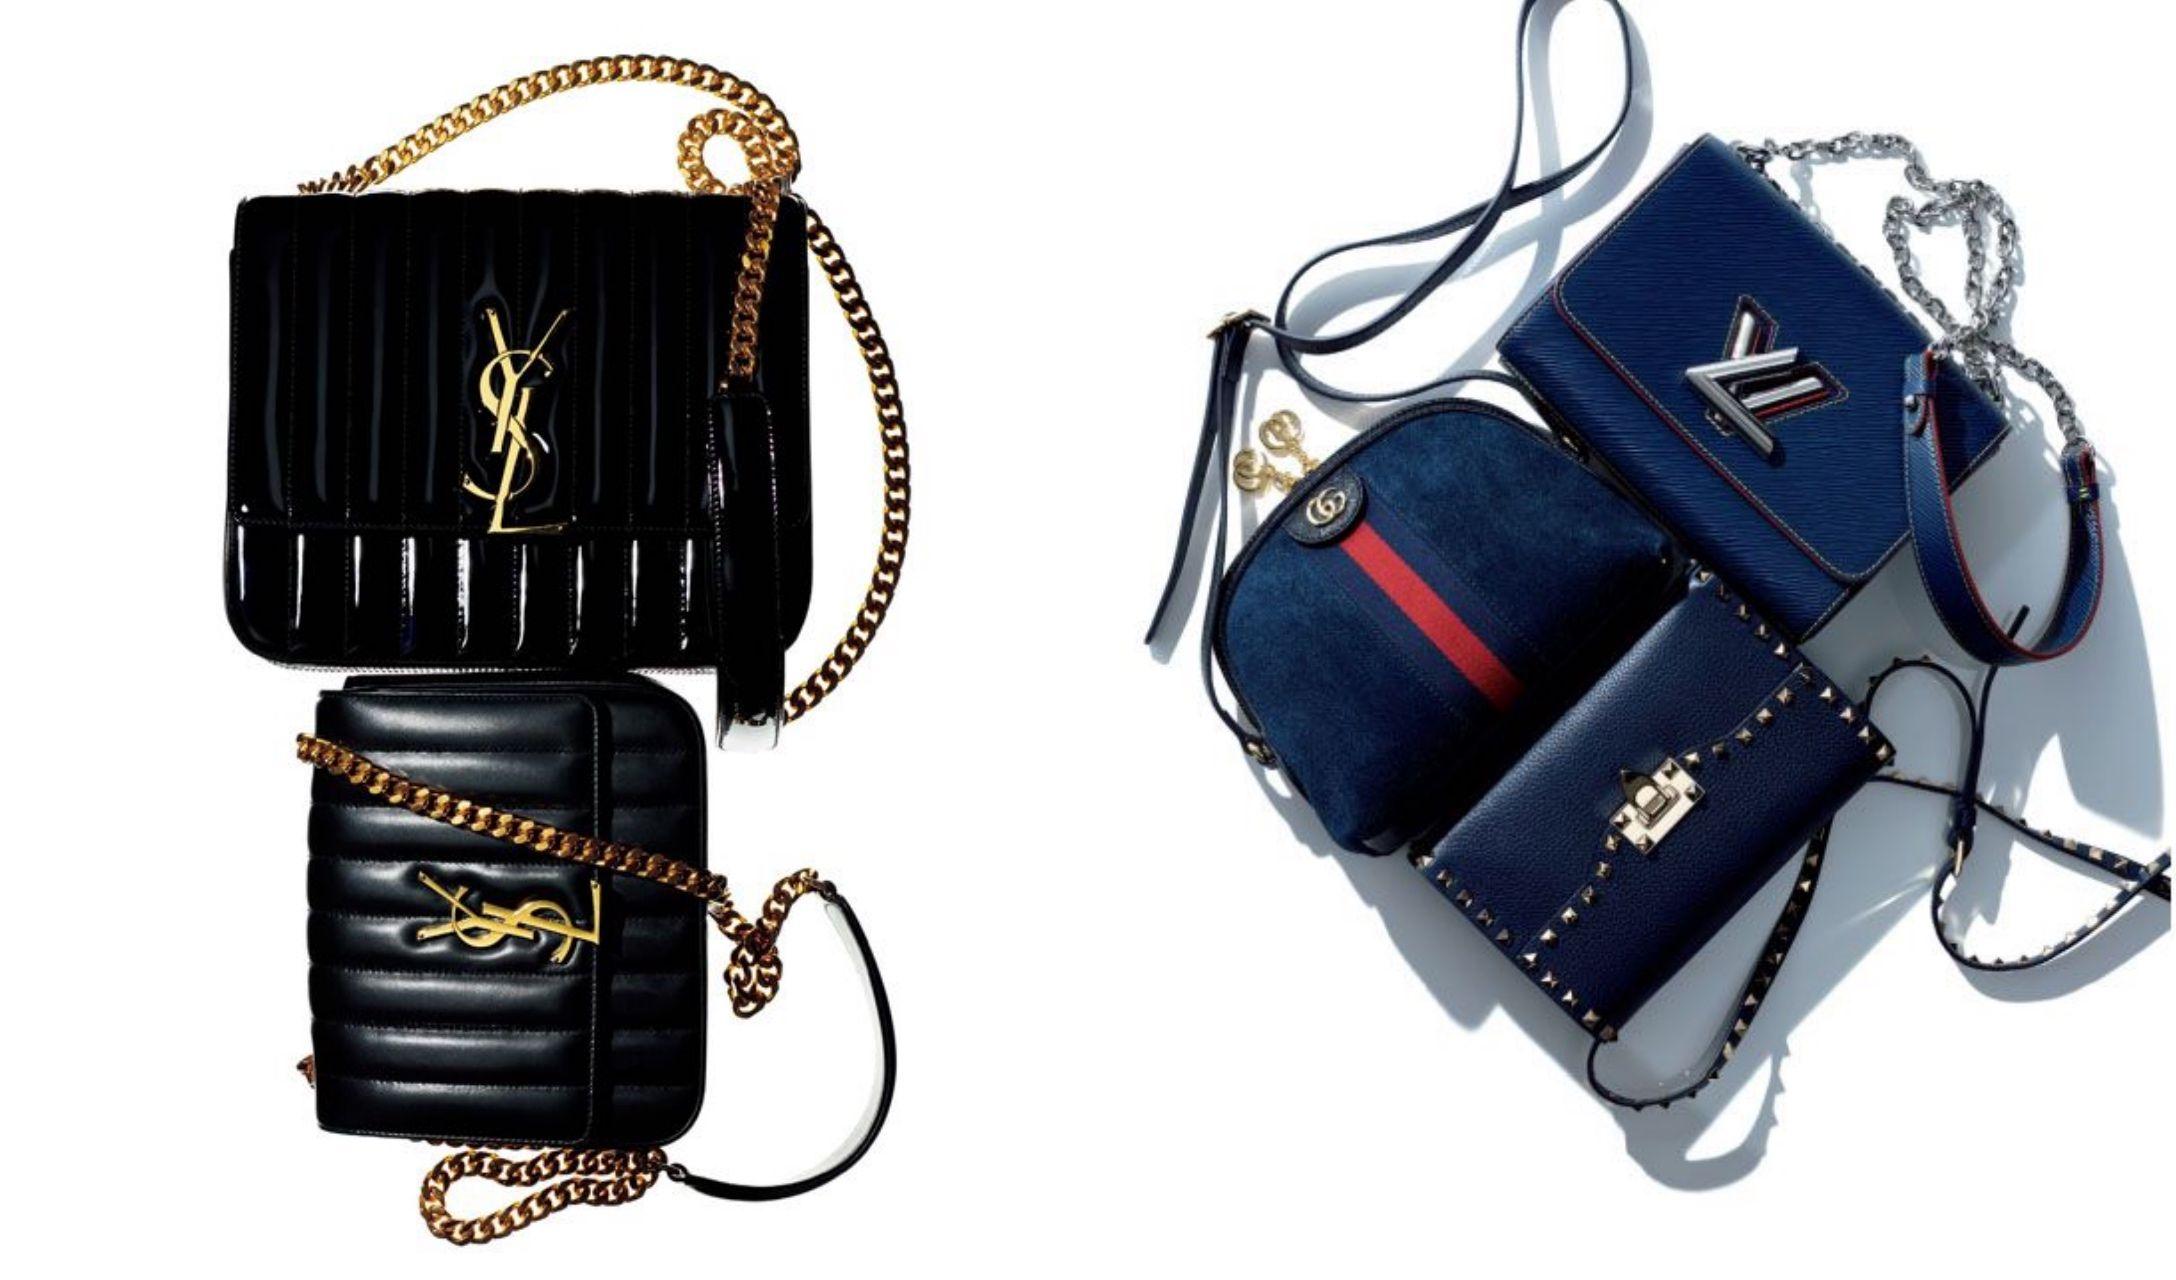 ef71daa7e904 人気ブランドバッグ126選|40代から持ちたい人気レディースブランドバッグのまとめ。A4サイズが収まる通勤バッグ他! |  Precious.jp(プレシャス)